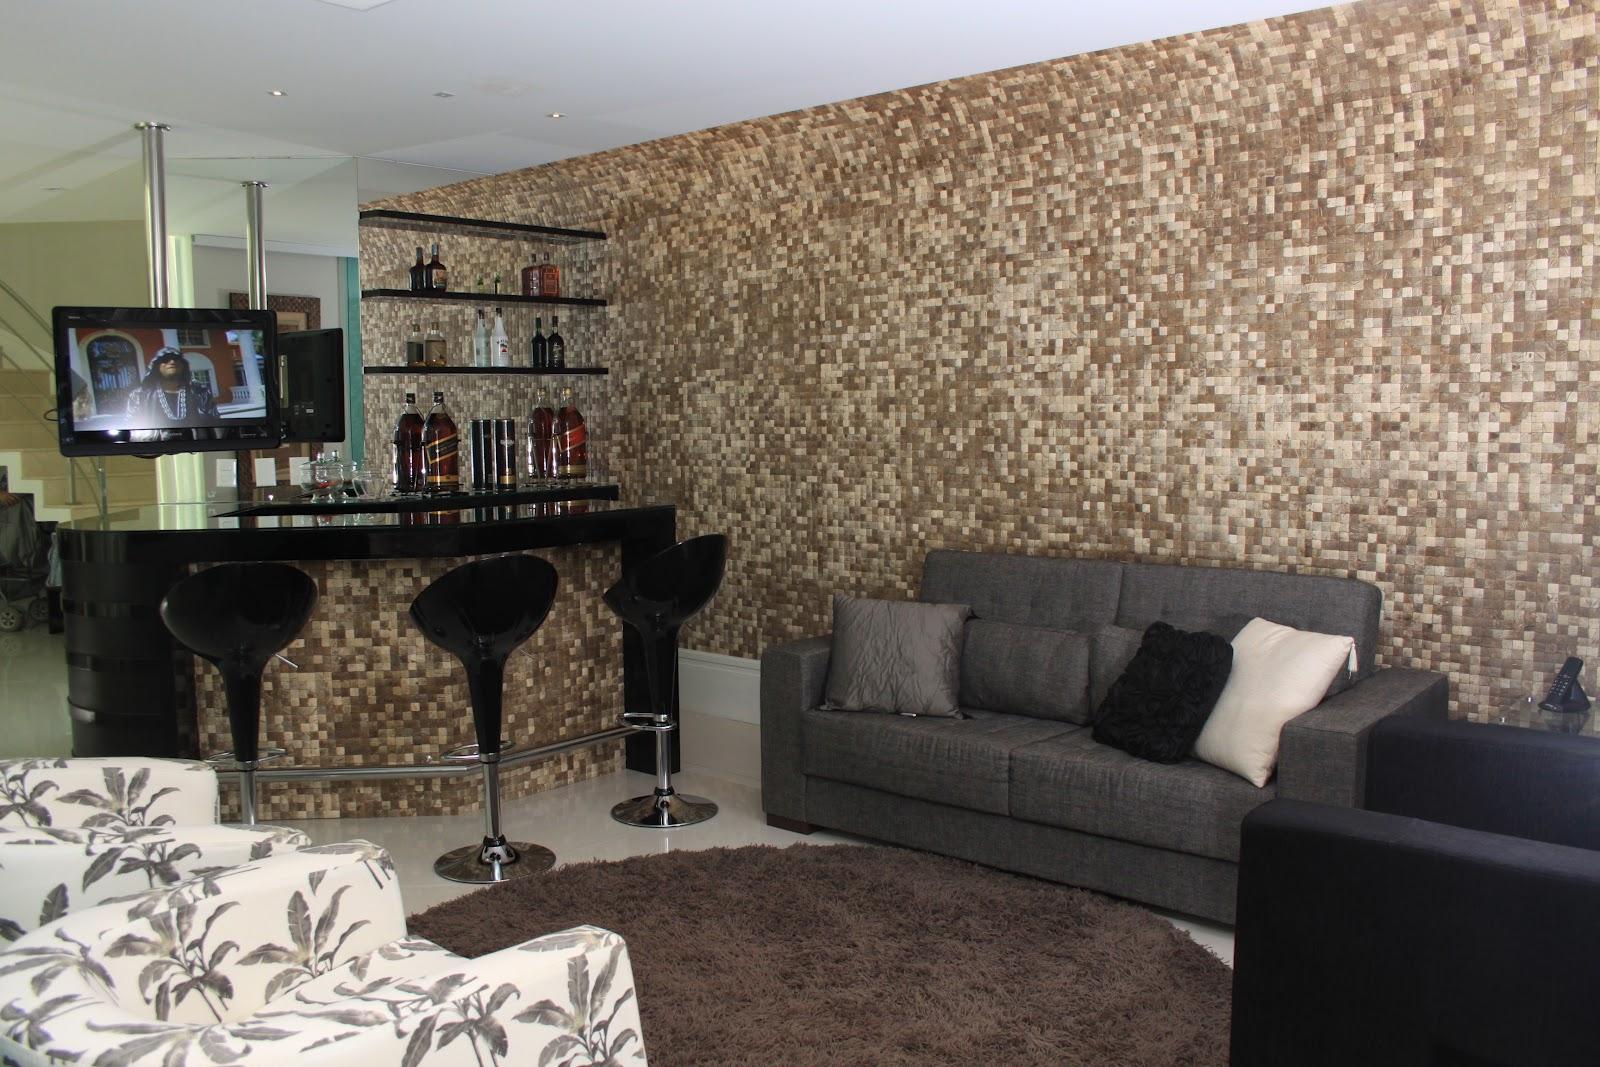 olha a pastilha de coco tanto na bancada do bar como na parede #7E694D 1600x1067